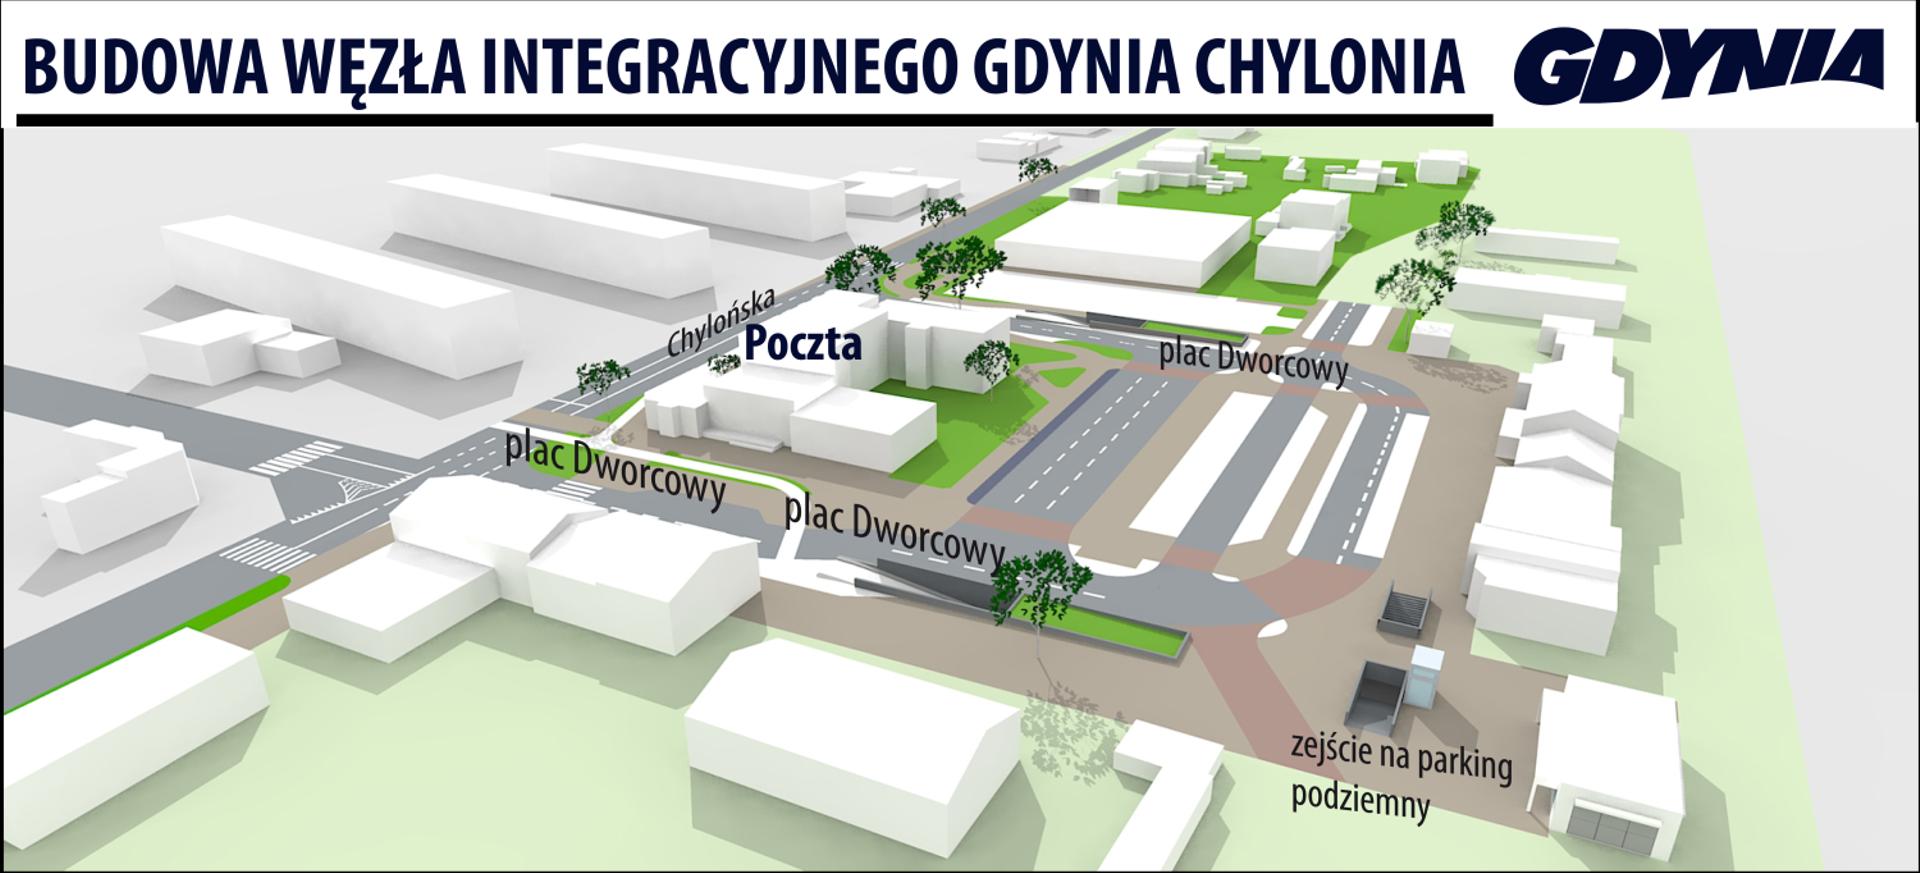 [Trójmiasto] Budowa węzła integracyjnego w Gdyni-Chyloni weszła w kolejną fazę